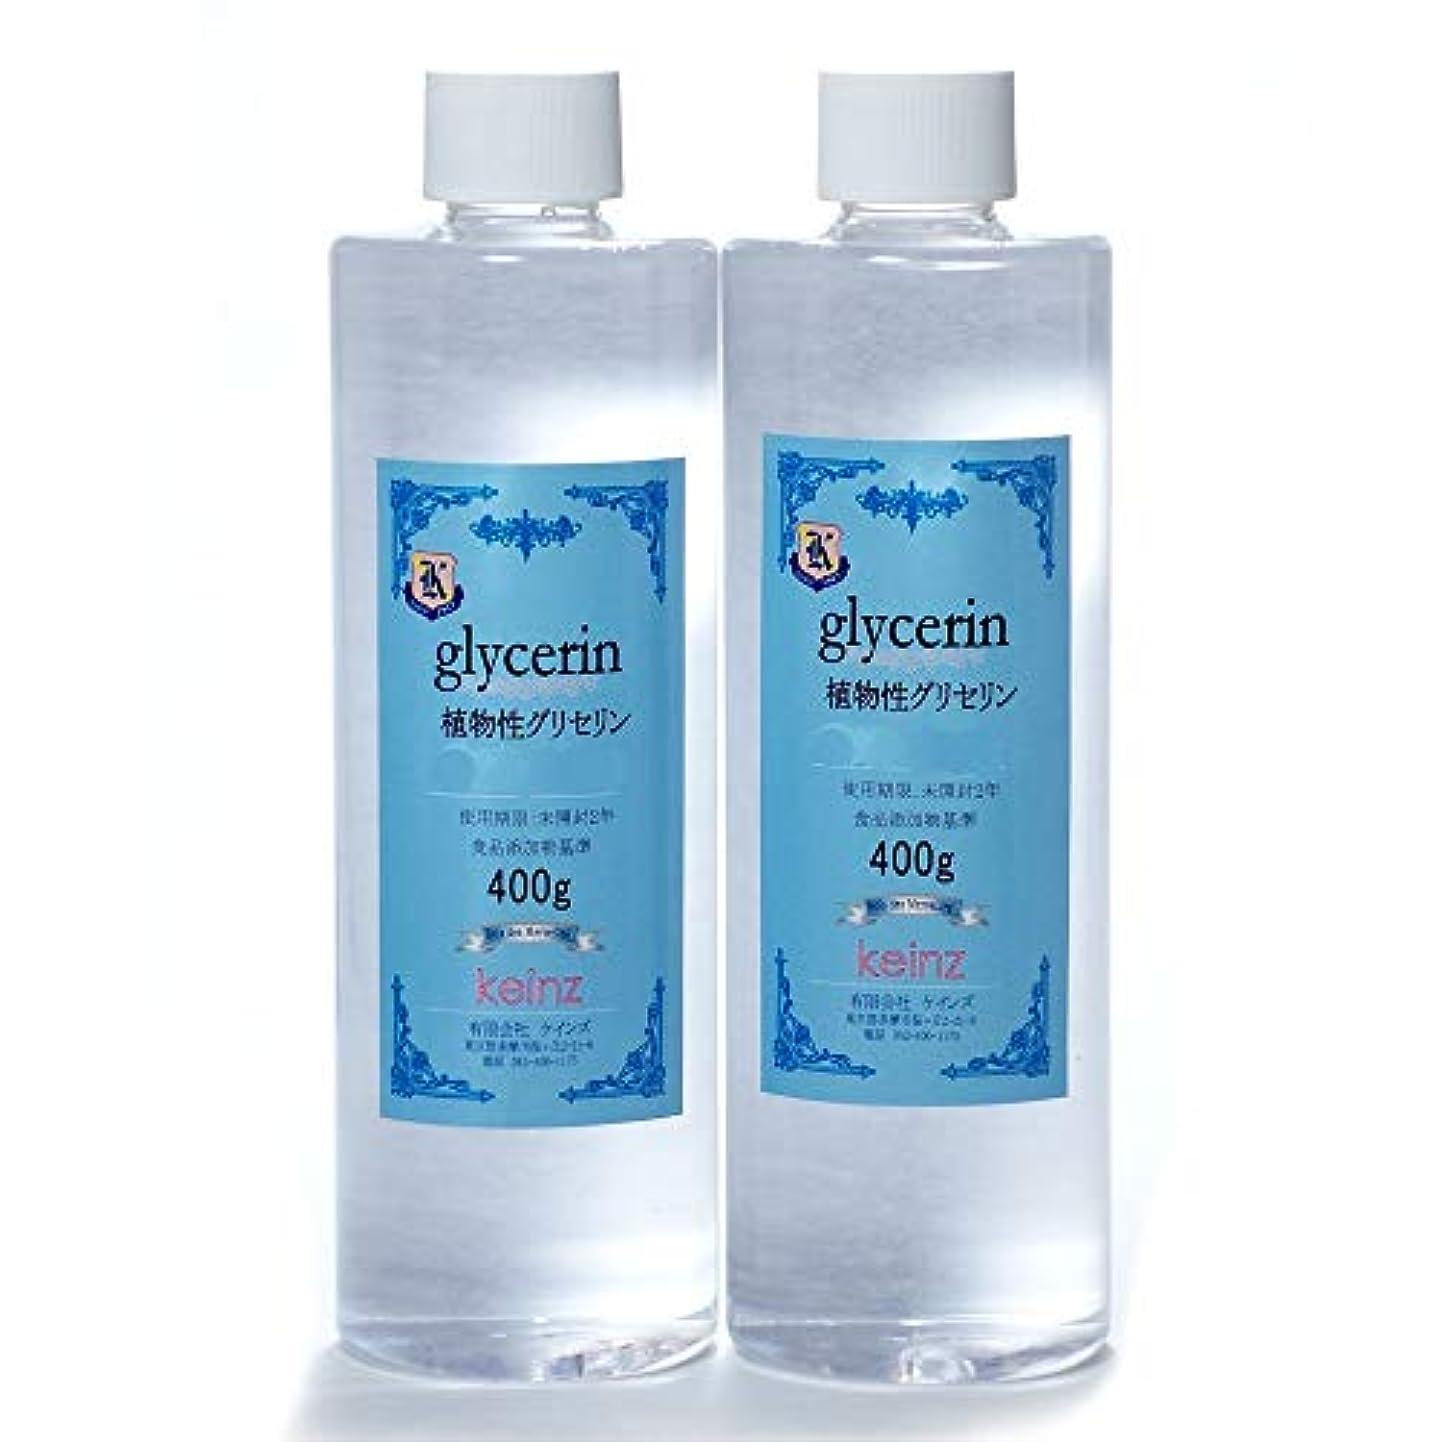 シロクマスクラップブック地元keinz 品質の良いグリセリン 植物性 800g(400g 2本) 純度99.9~100% 化粧品材料 keinz正規品 食品添加物基準につき化粧品グレードより純度が高い。日本製